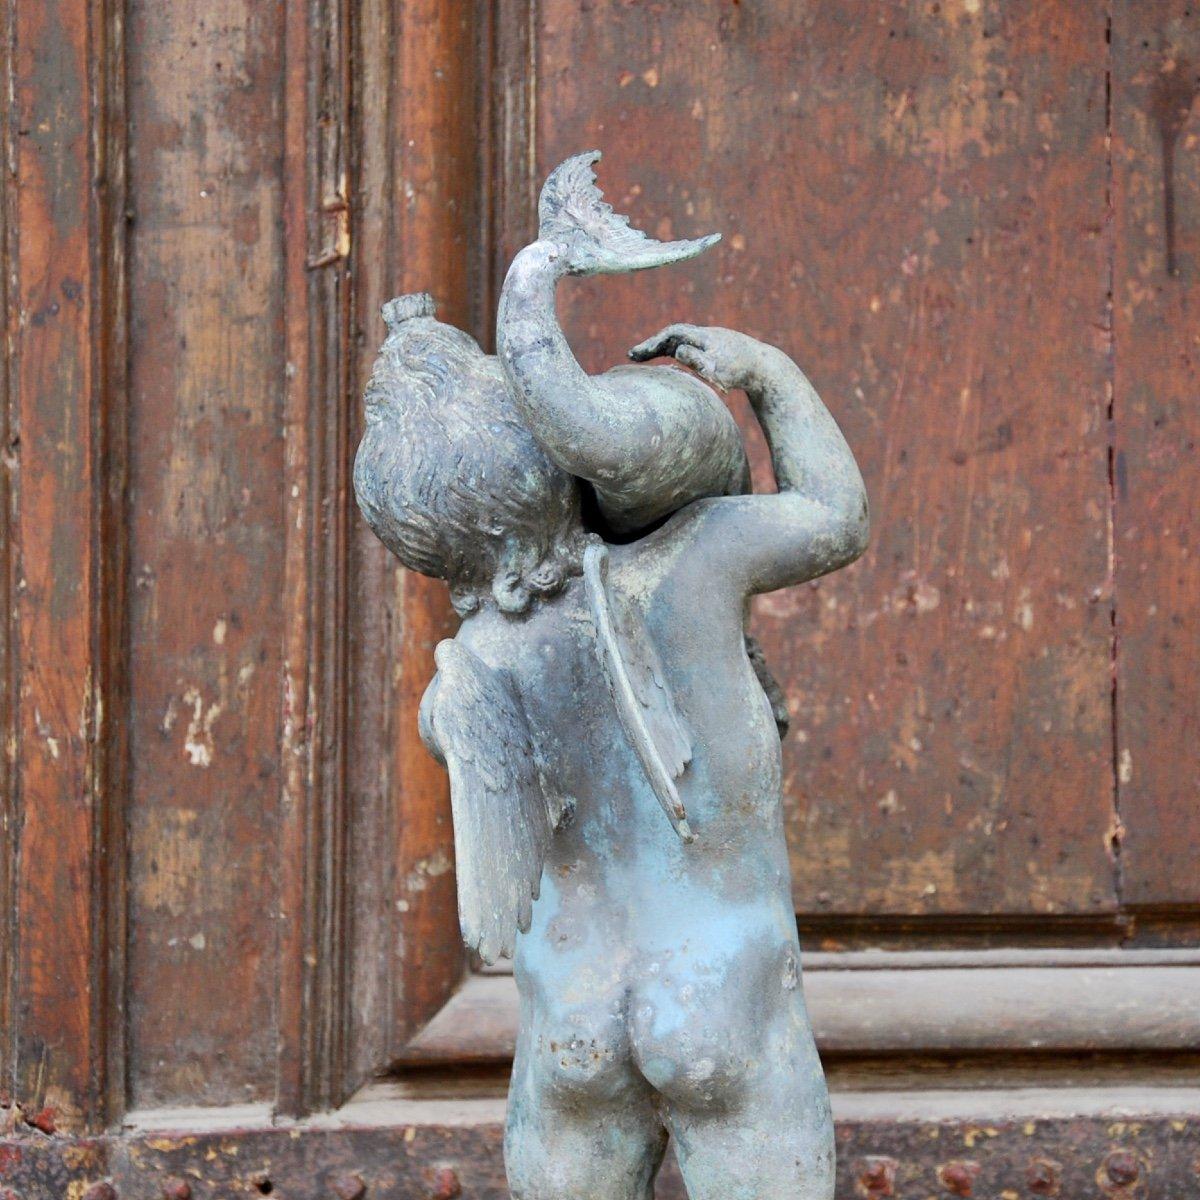 Sculpture En Bronze Au Dauphin Du Grand Tour-photo-8